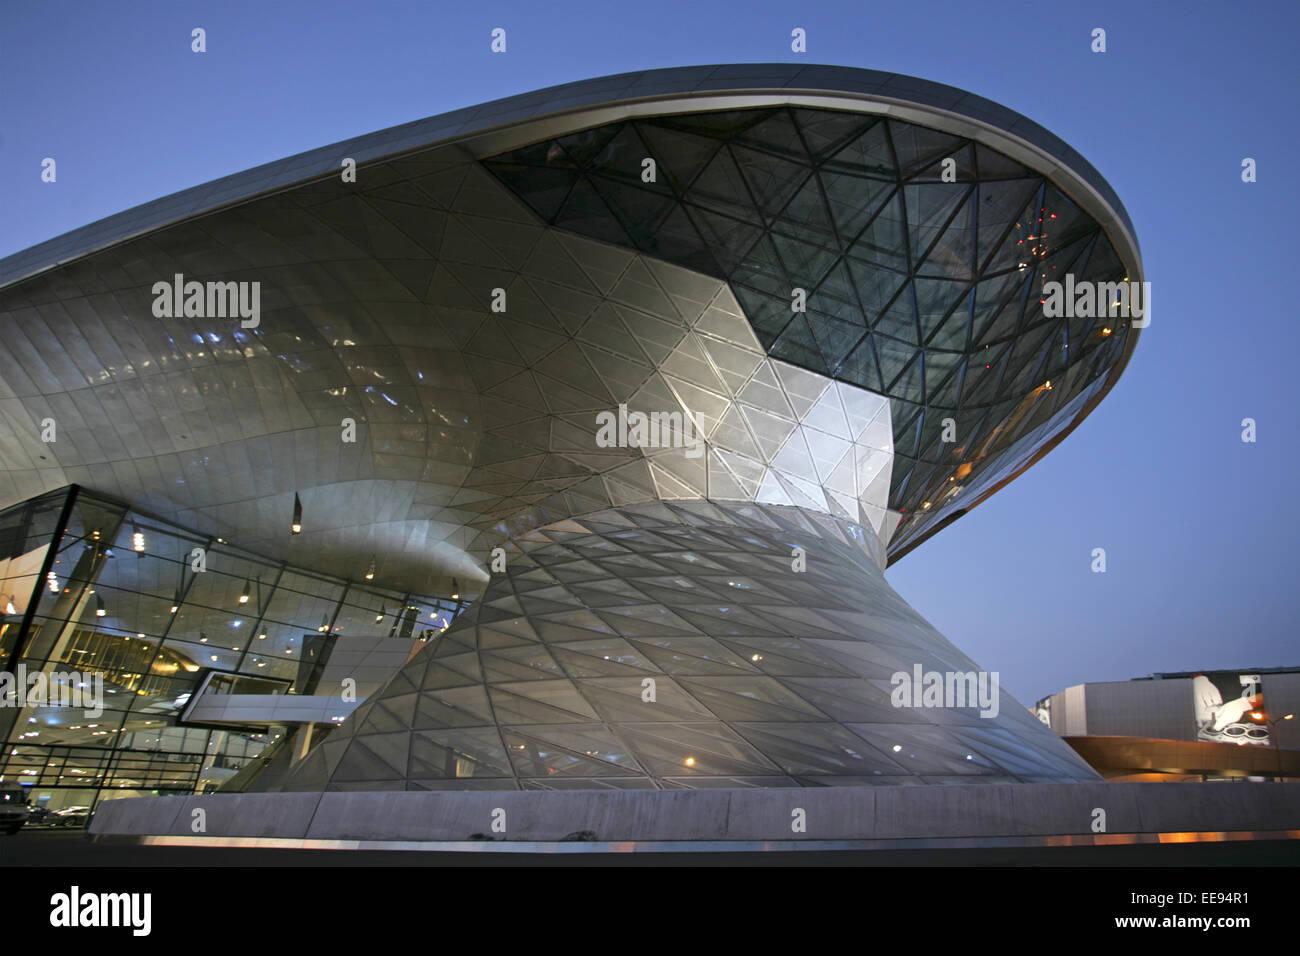 Architektur, Autohersteller, Automobilkonzern, BMW, Bau, Bauwerk, Bayern, Deutschland, Europa, Fabrik, Fernsehturm, - Stock Image